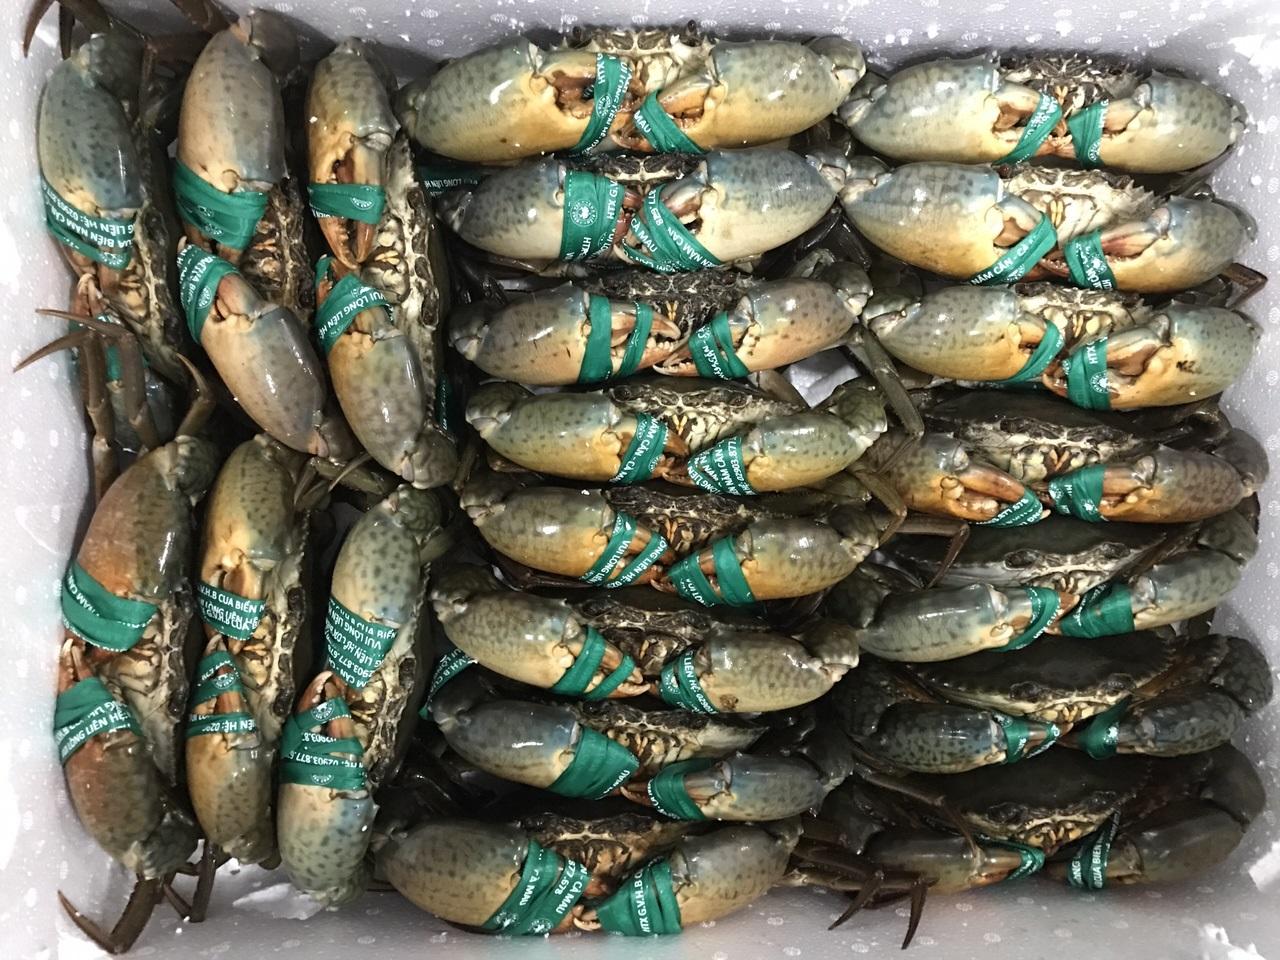 Cua Biển Cà Mau là một loài đặc sản tuyệt vời, quà tặng từ thiên nhiên mang đến cho con người. Cua Cà Mau được xem loại cua biển là ngon nhất nước. Thịt cua vừa thơm, vừa ngọt, không quá béo, bùi, chắc nịch. Còn gạch cua béo ngậy, ngây ngất đầu lưỡi.